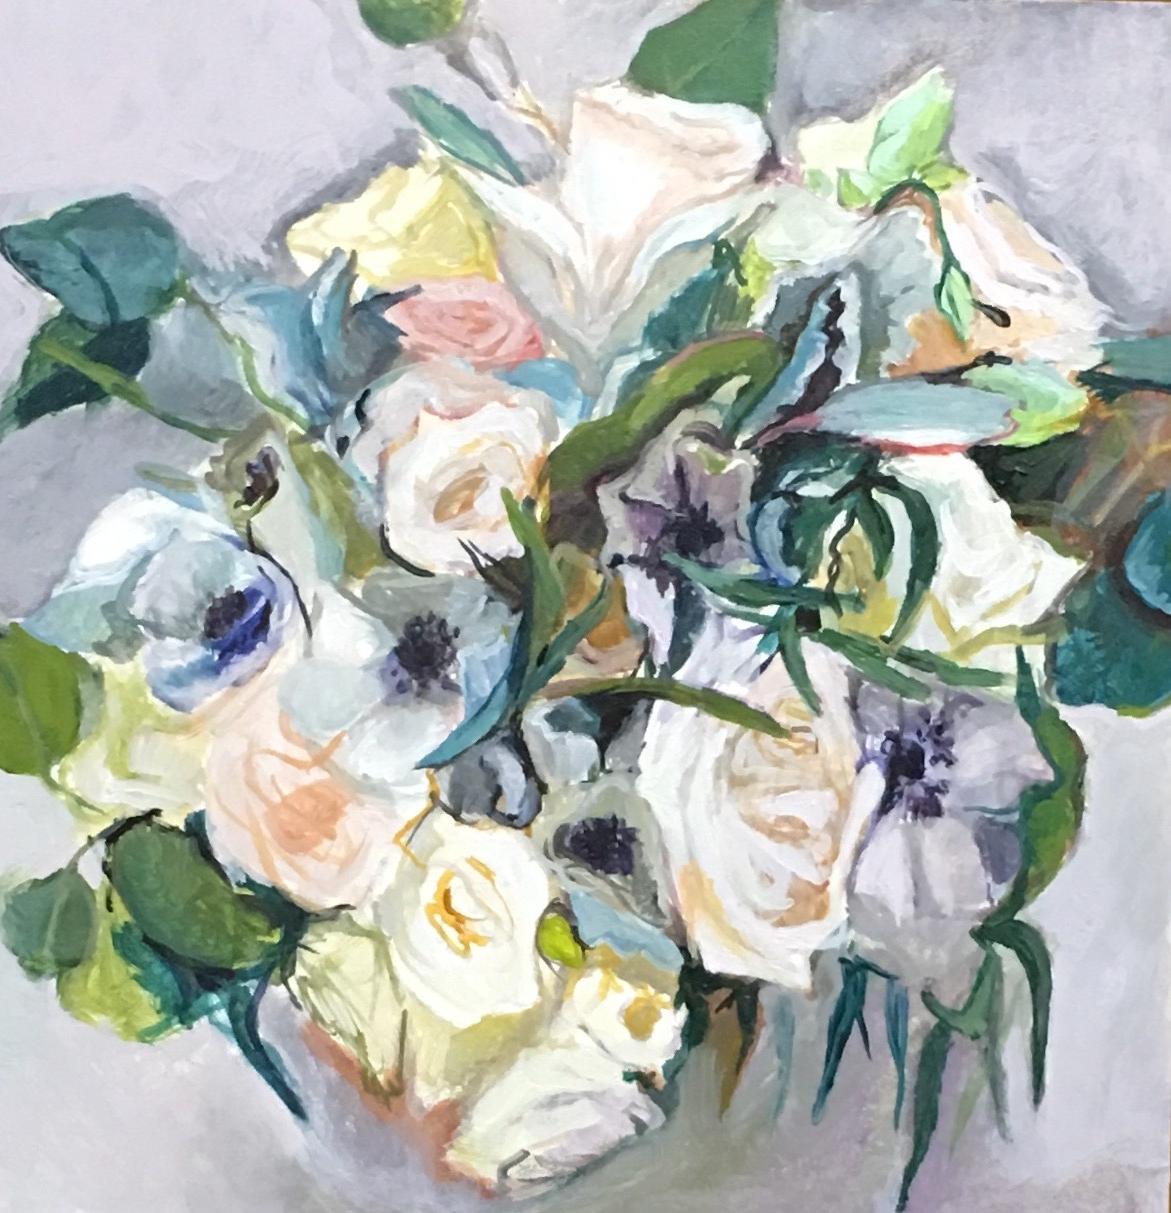 Kaitlin's bouquet